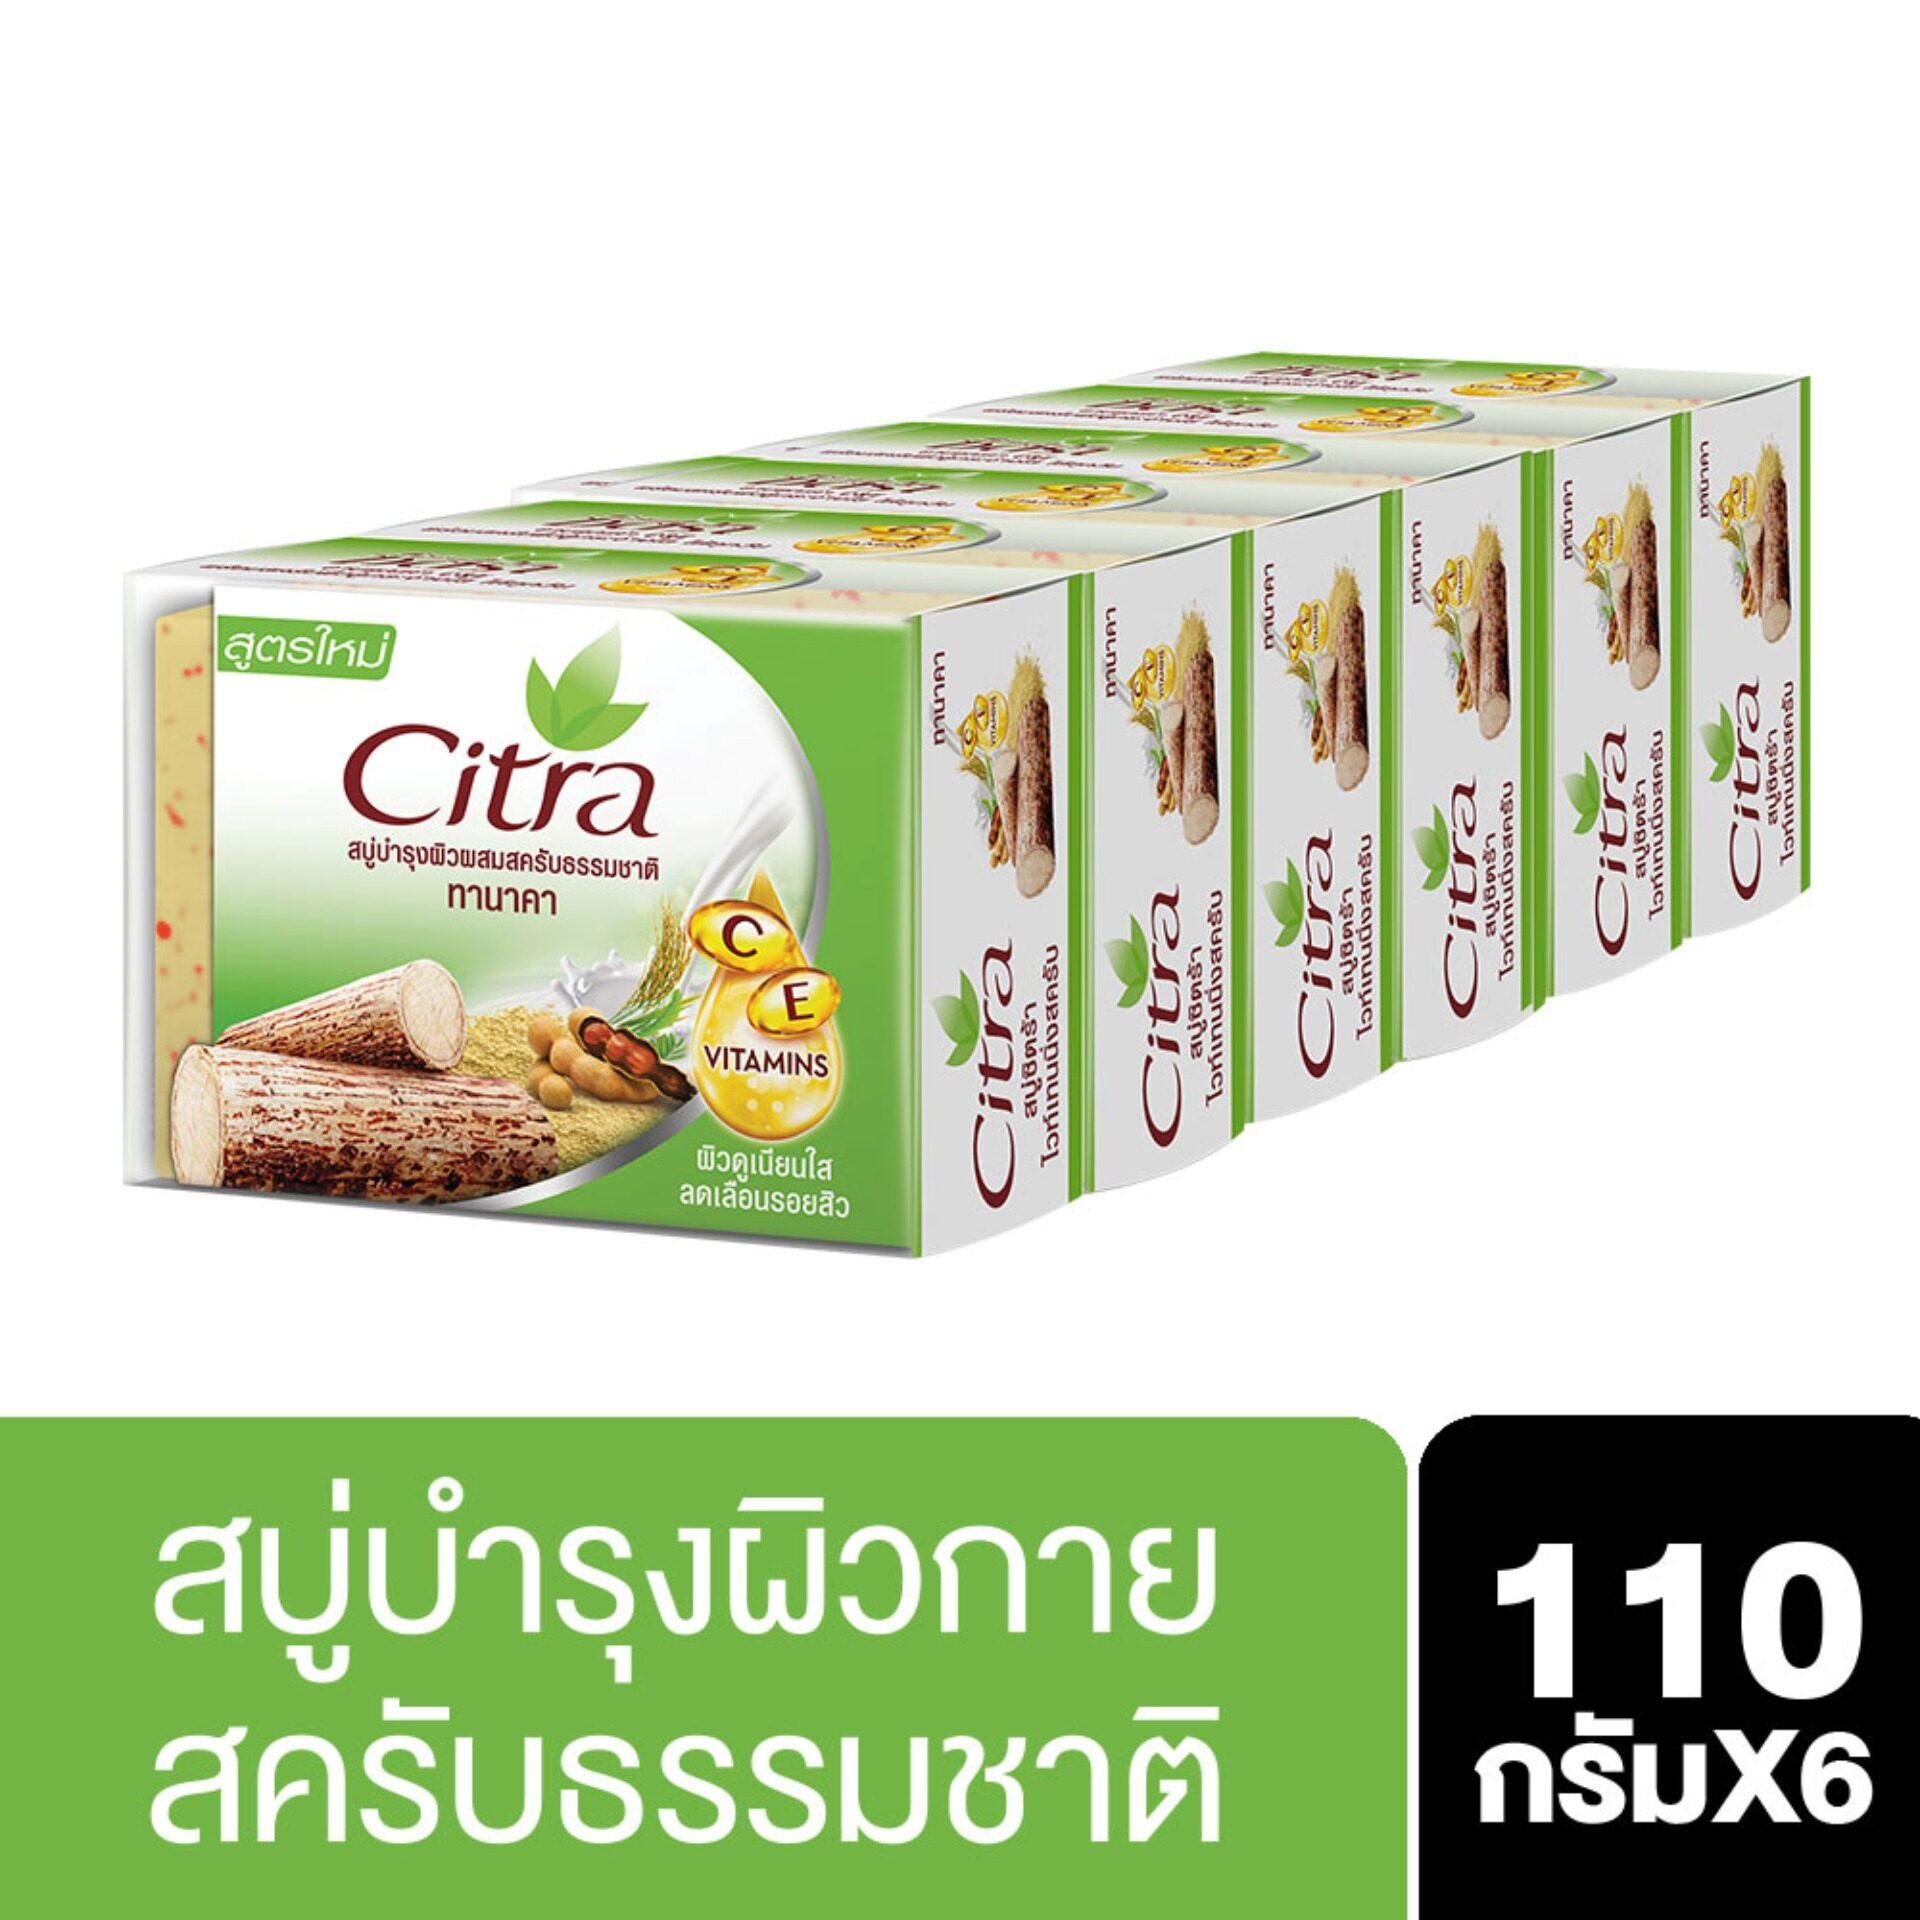 ซิตร้า สบู่ก้อน ทานาคา ผิวกระจ่างใส เรียบเนียน ลดเลือนรอยดำจากสิว 110 กรัม [x6] Citra Bar Soap Thanaka 110 g [x6] ( สบู่ สบู่เหลว ครีมอาบน้ำ เจลอาบน้ำ Shower Soap Shower Cream Liquid Soap Shower Gel ) ของแท้